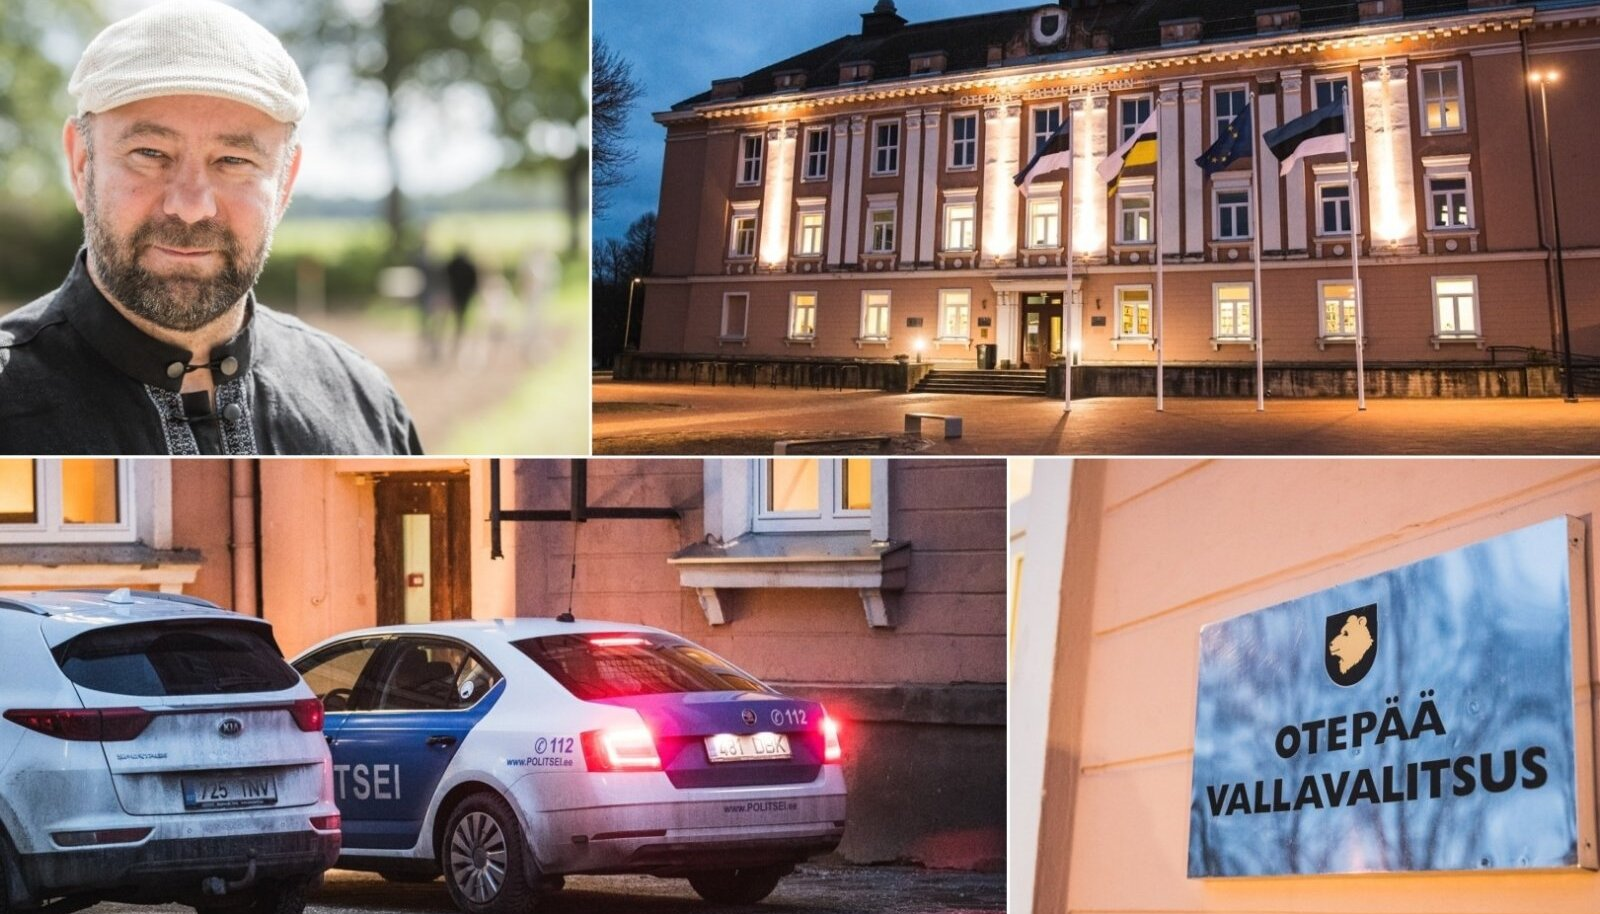 Kohus ei ole eelistungi aega veel määranud. Kohtueelse menetluse viis läbi Keskkriminaalpolitsei korruptsioonikuritegude büroo.